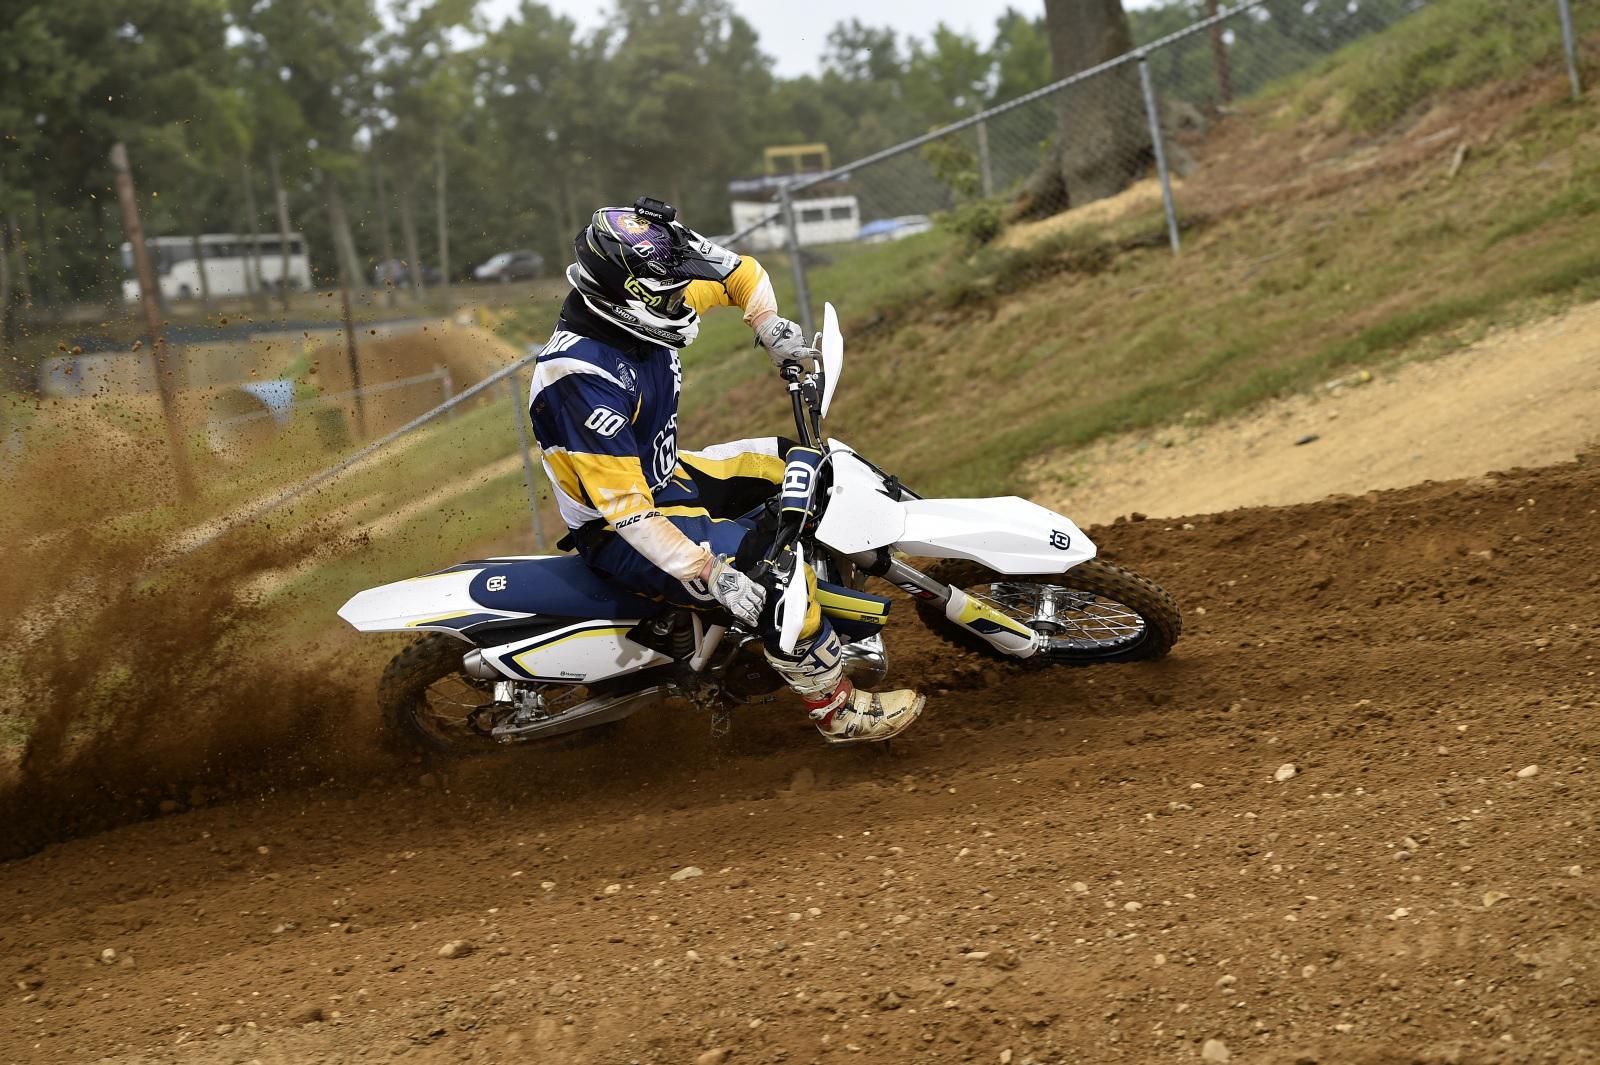 husqvarna motocross test 2016 motorrad fotos motorrad bilder. Black Bedroom Furniture Sets. Home Design Ideas